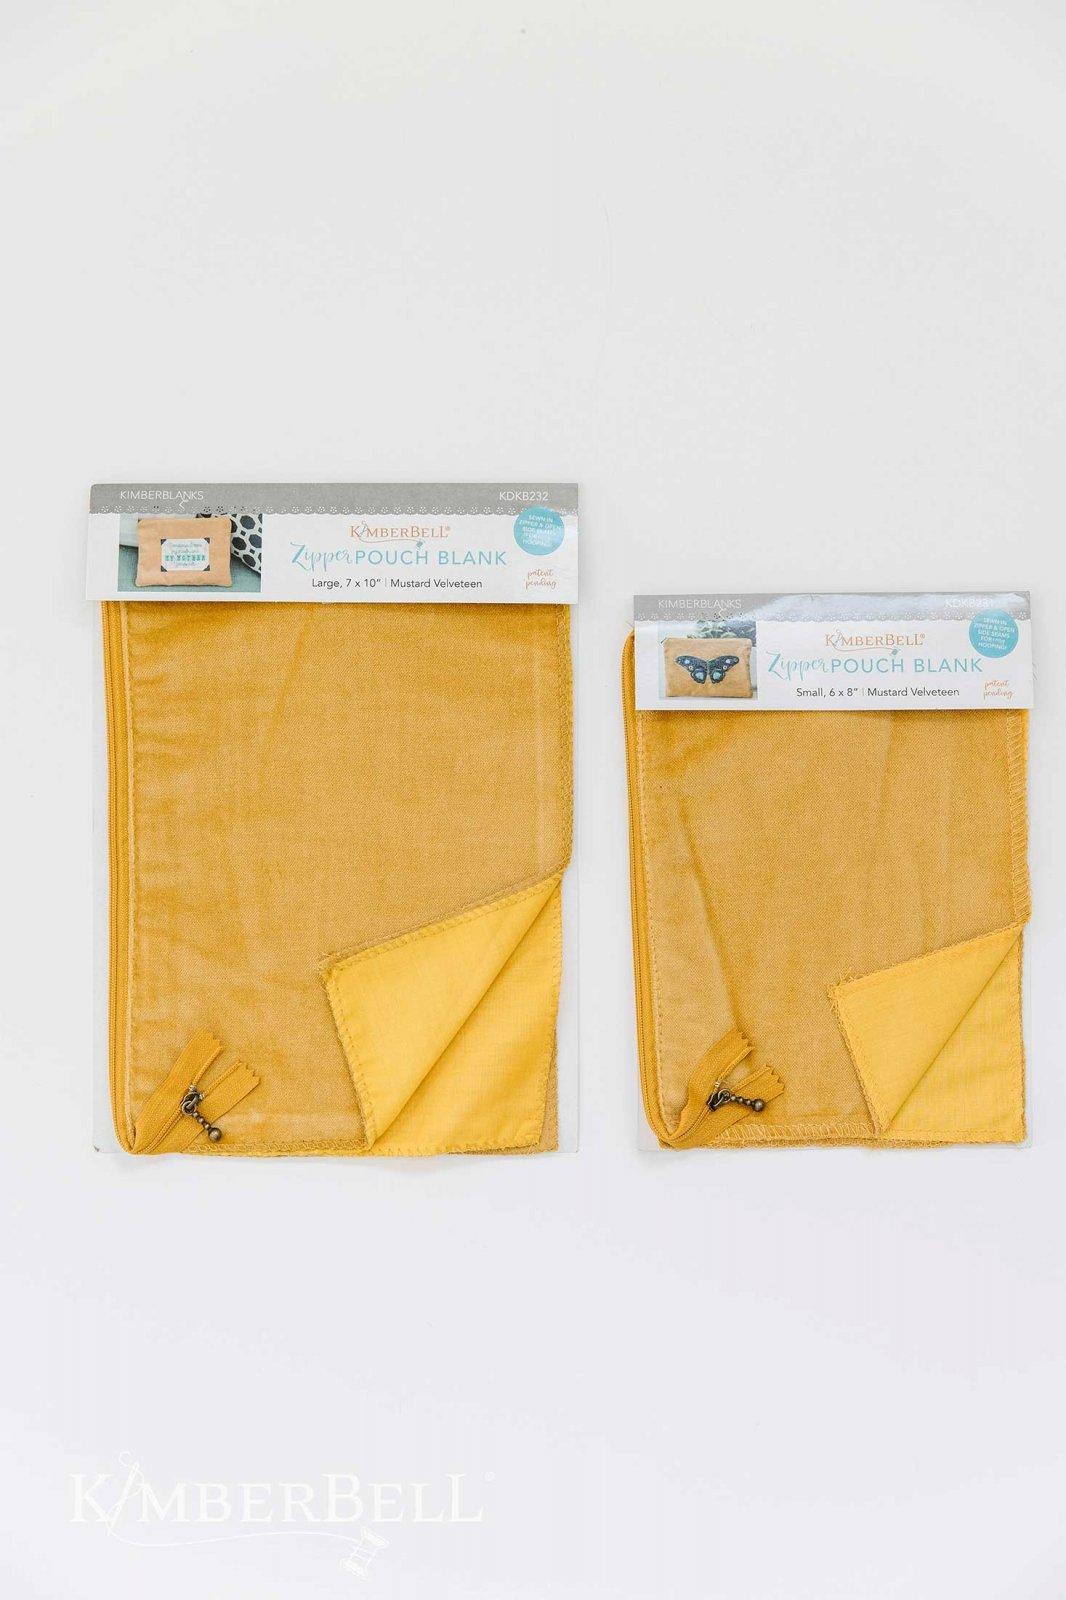 Velveteen Zipper Pouch Blank - Mustard